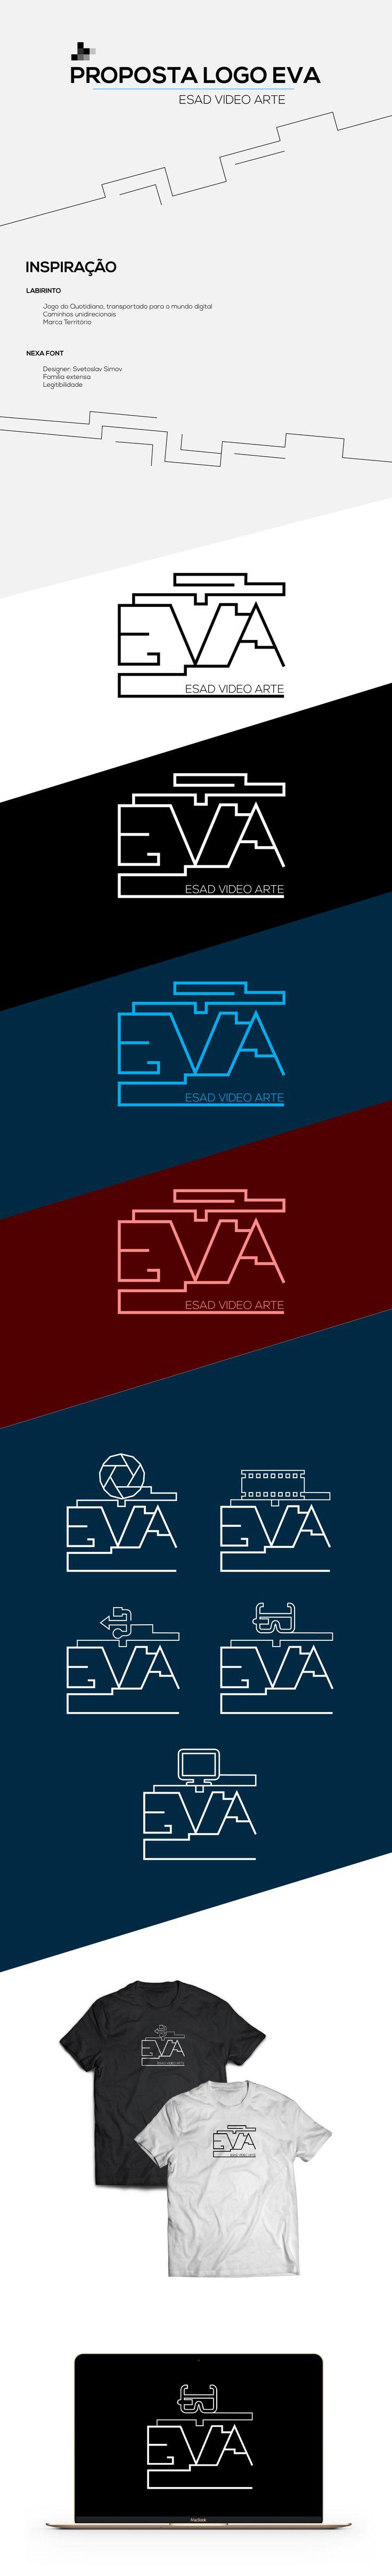 Proposta de Logo para o EVA (Esad Video Art 2017)